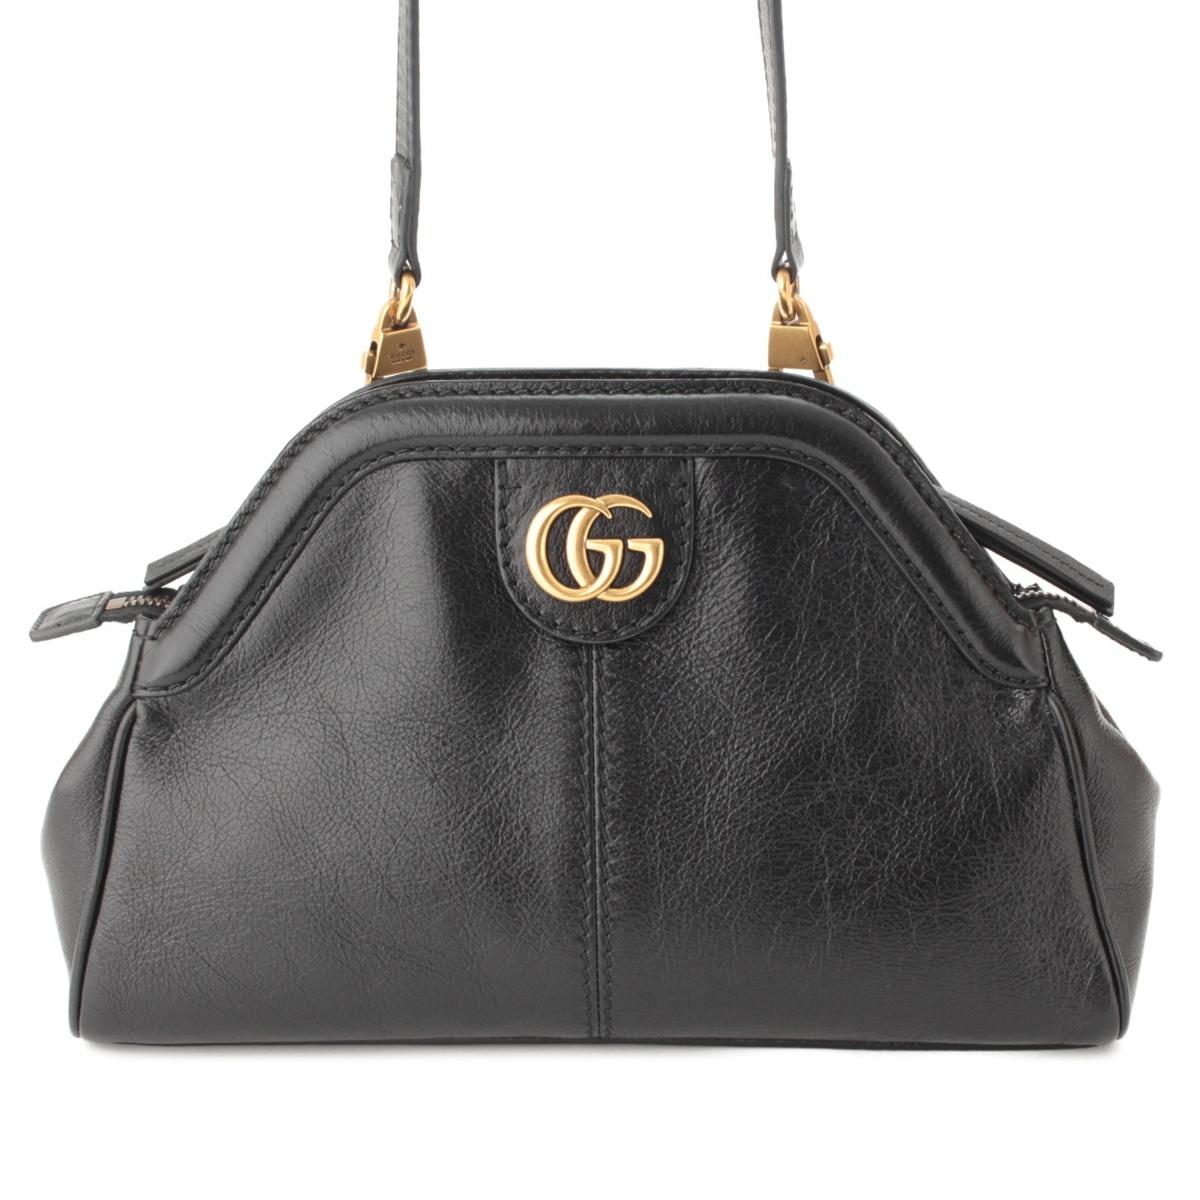 【グッチ】Gucci リベル スモール キャットヘッド レザー ショルダーバッグ 524620 ブラック 【中古】【鑑定済・正規品保証】64463